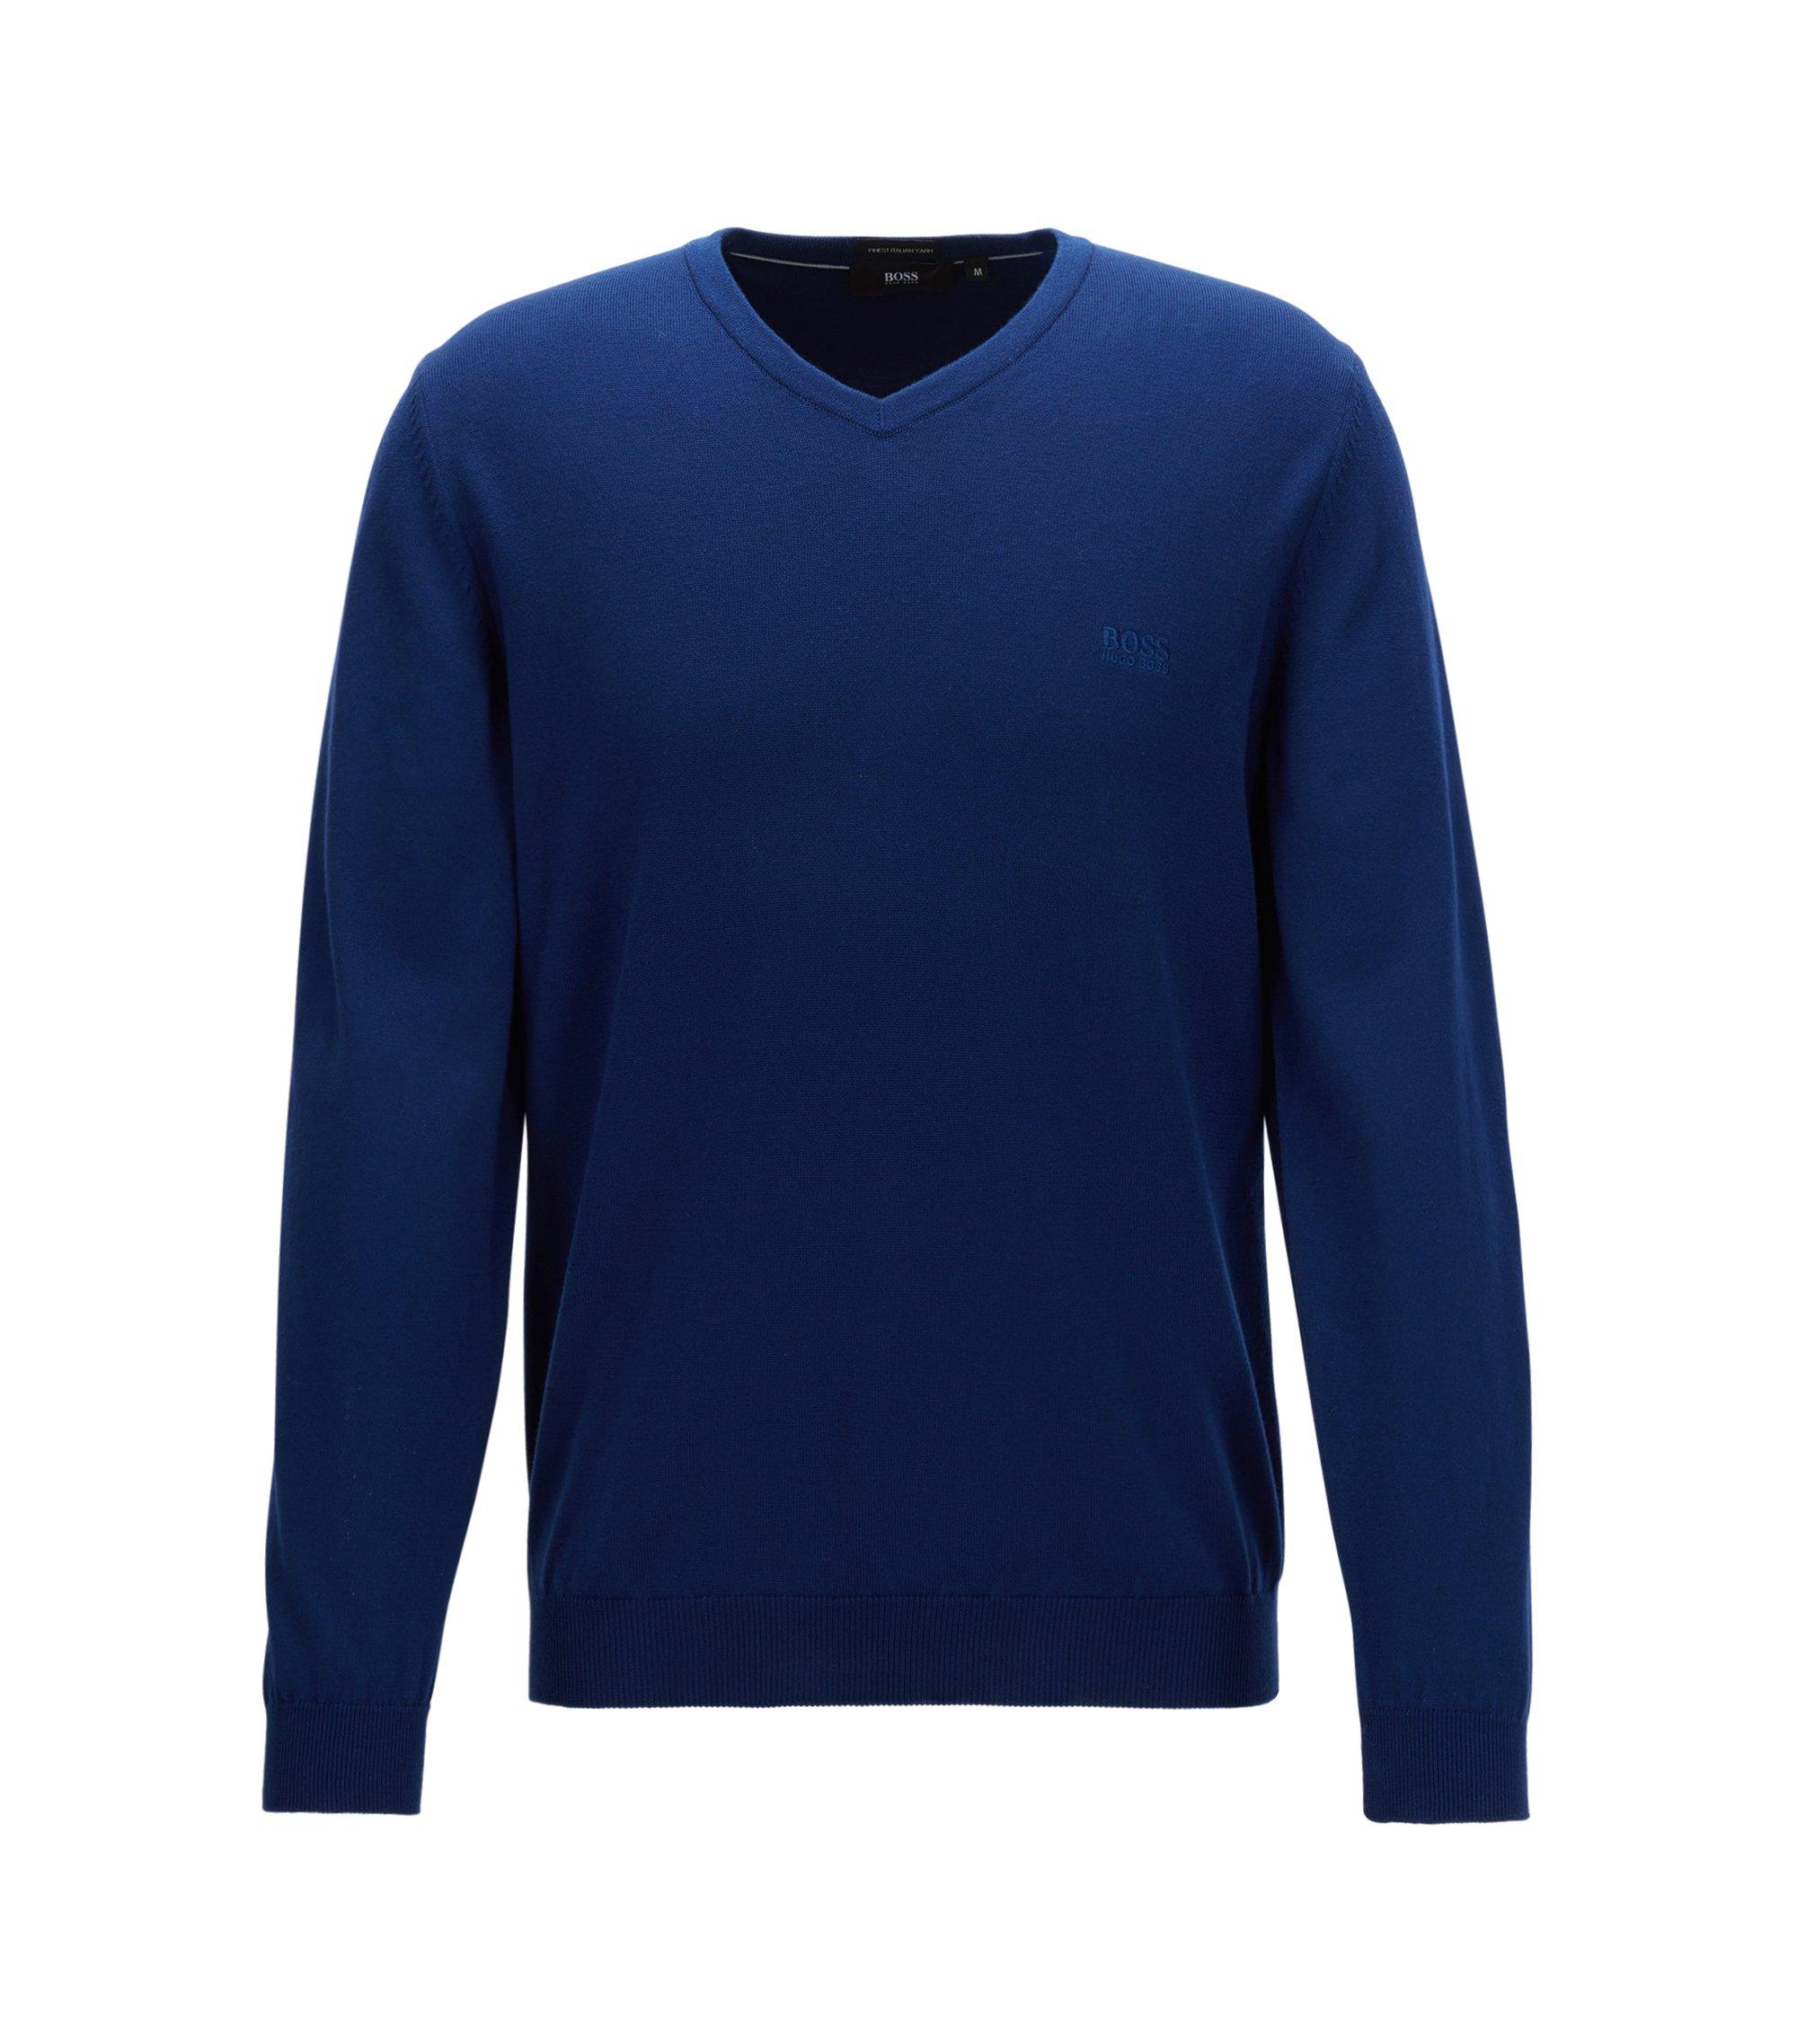 Maglione con scollo a V in cotone italiano, Blu scuro